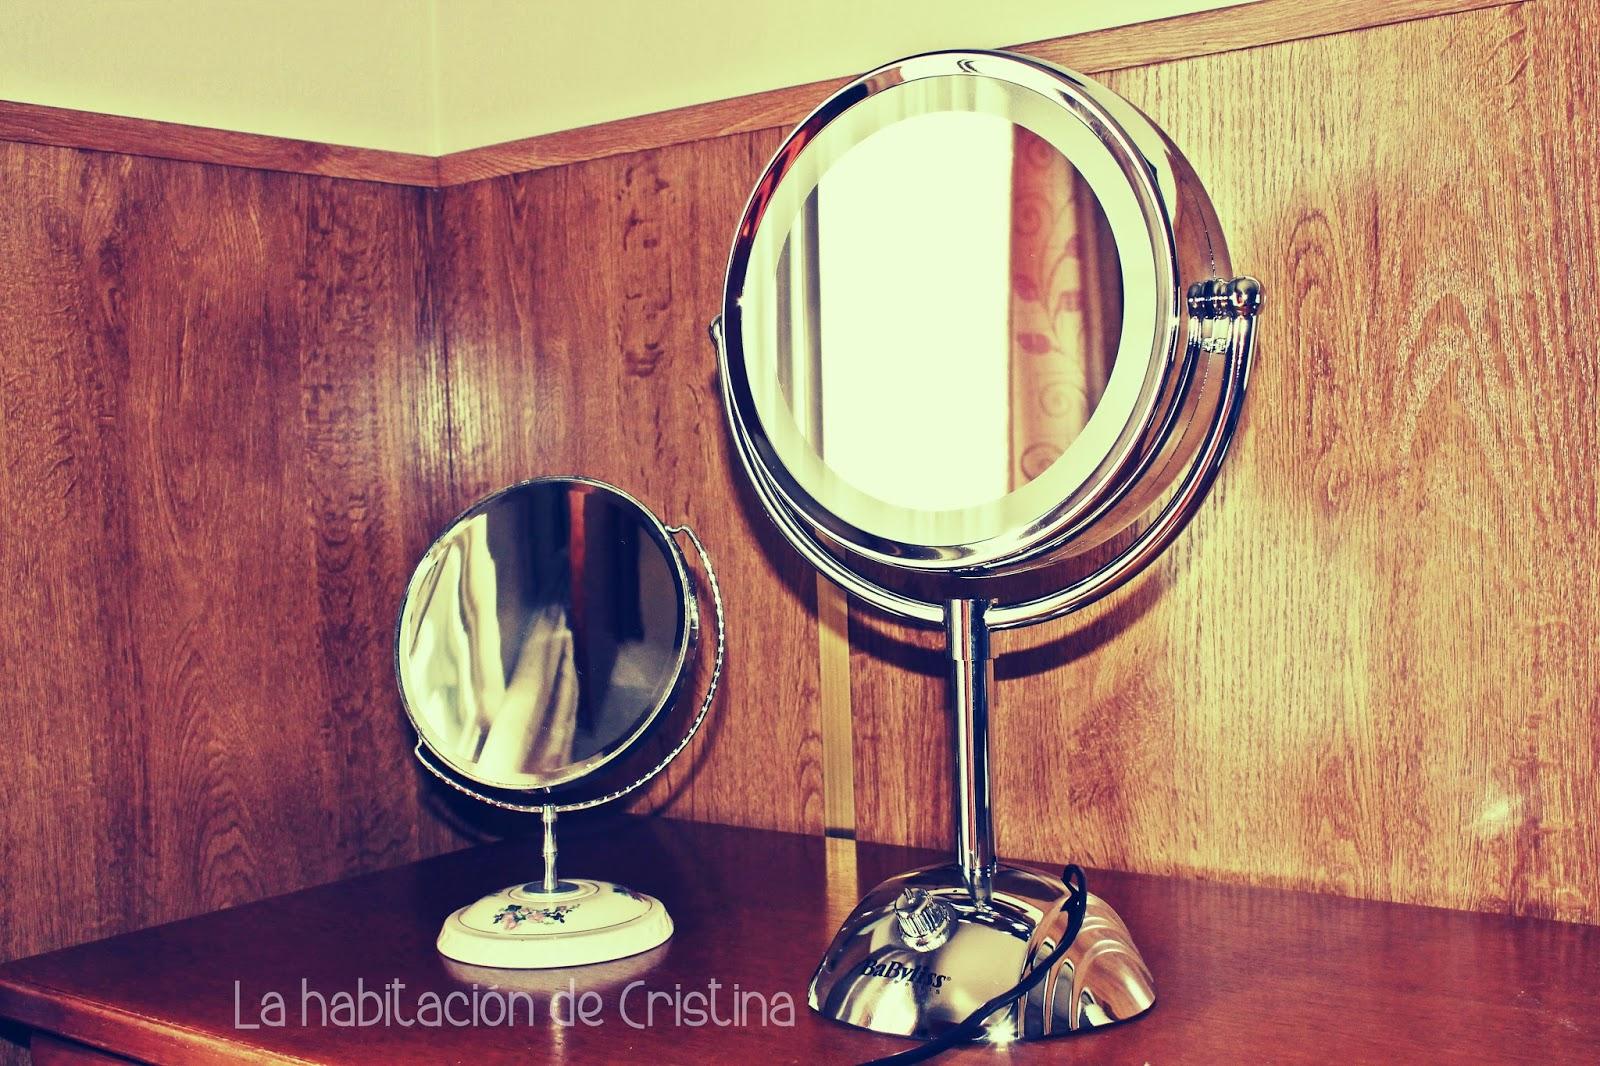 La habitaci n de cristina review espejo con tres tipos de luces 8438e babyliss - Espejo con bombillas ikea ...